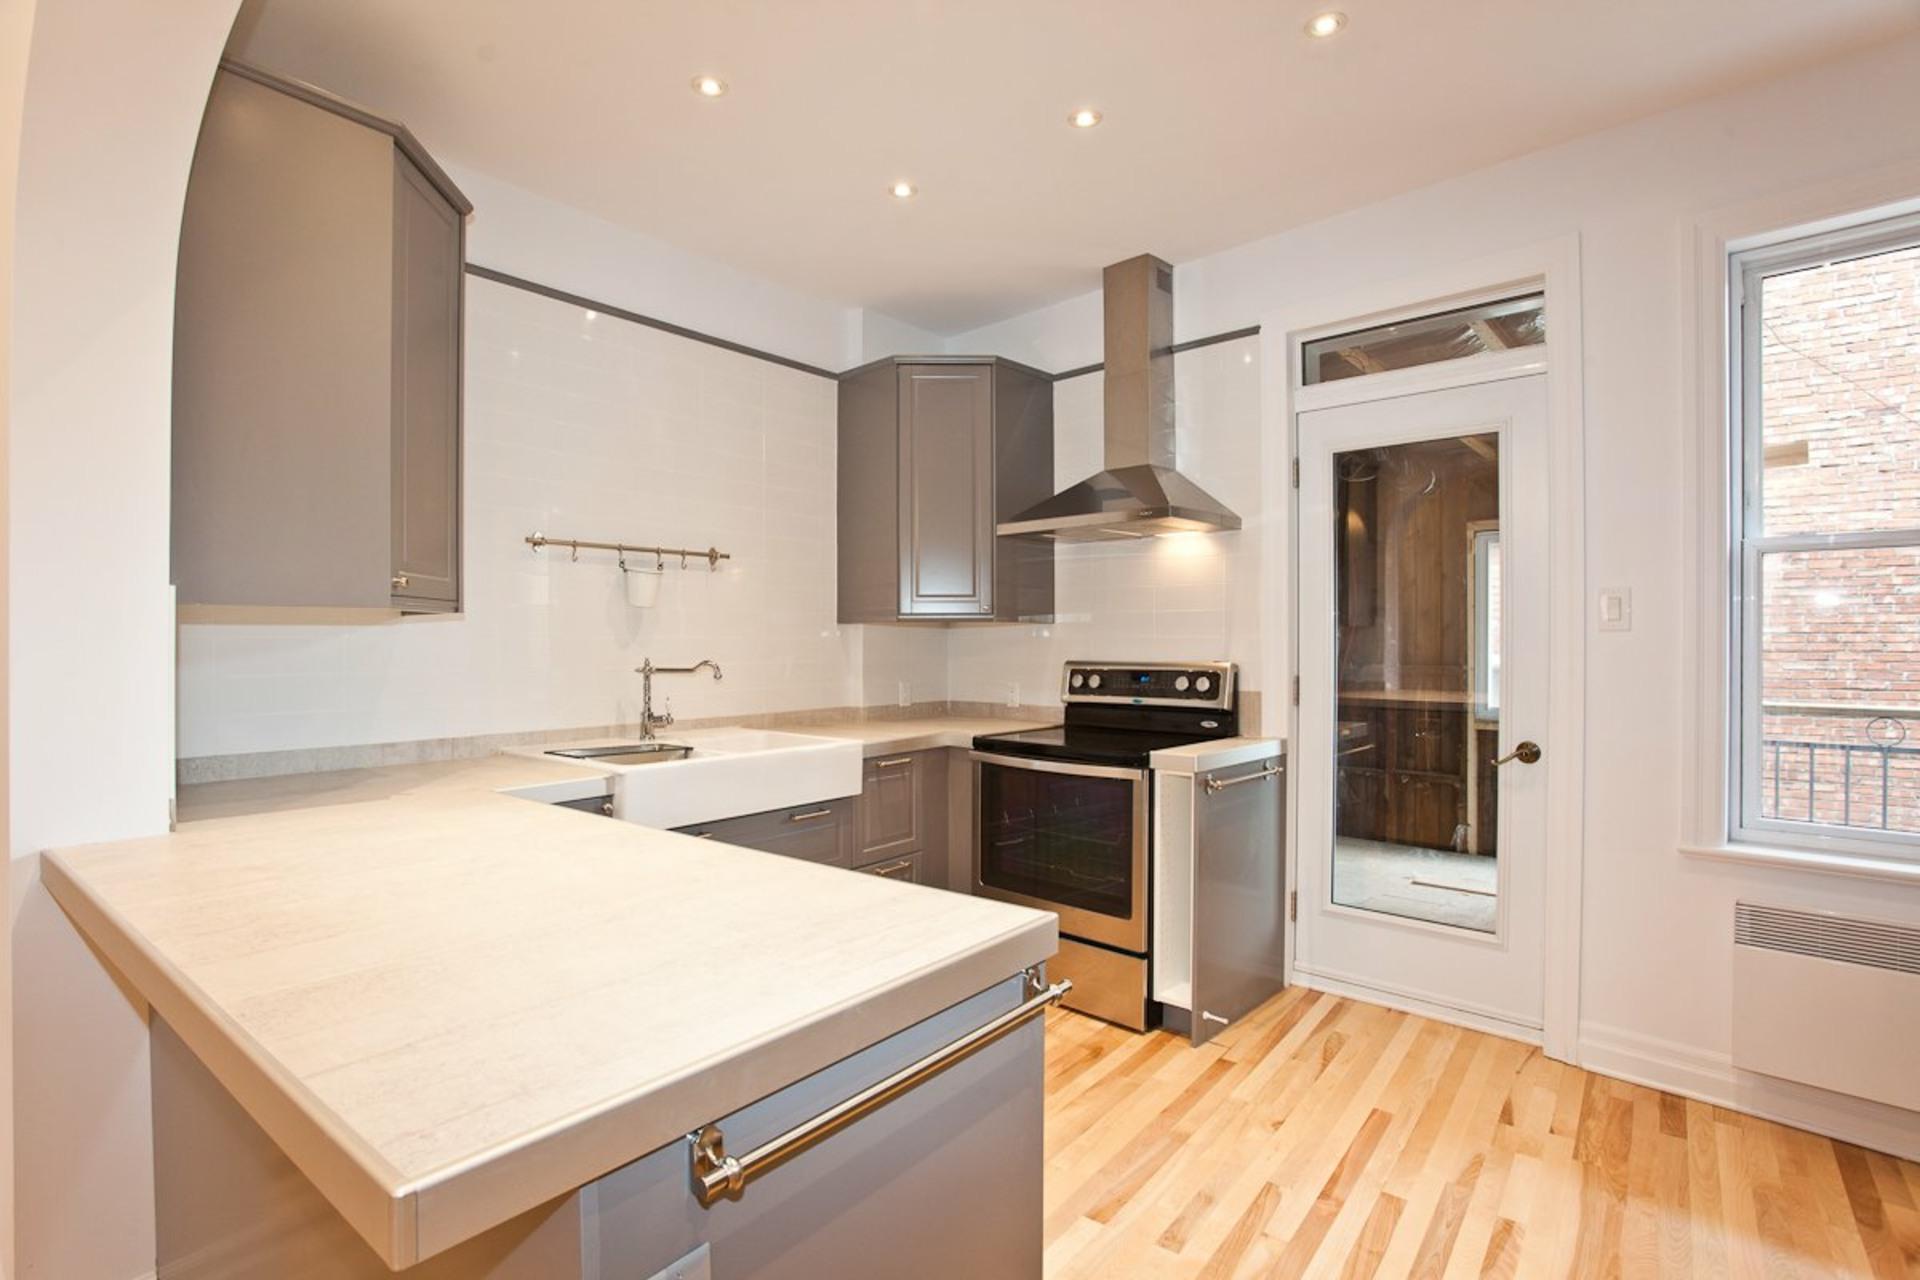 image 8 - Appartement À louer Côte-des-Neiges/Notre-Dame-de-Grâce Montréal  - 7 pièces